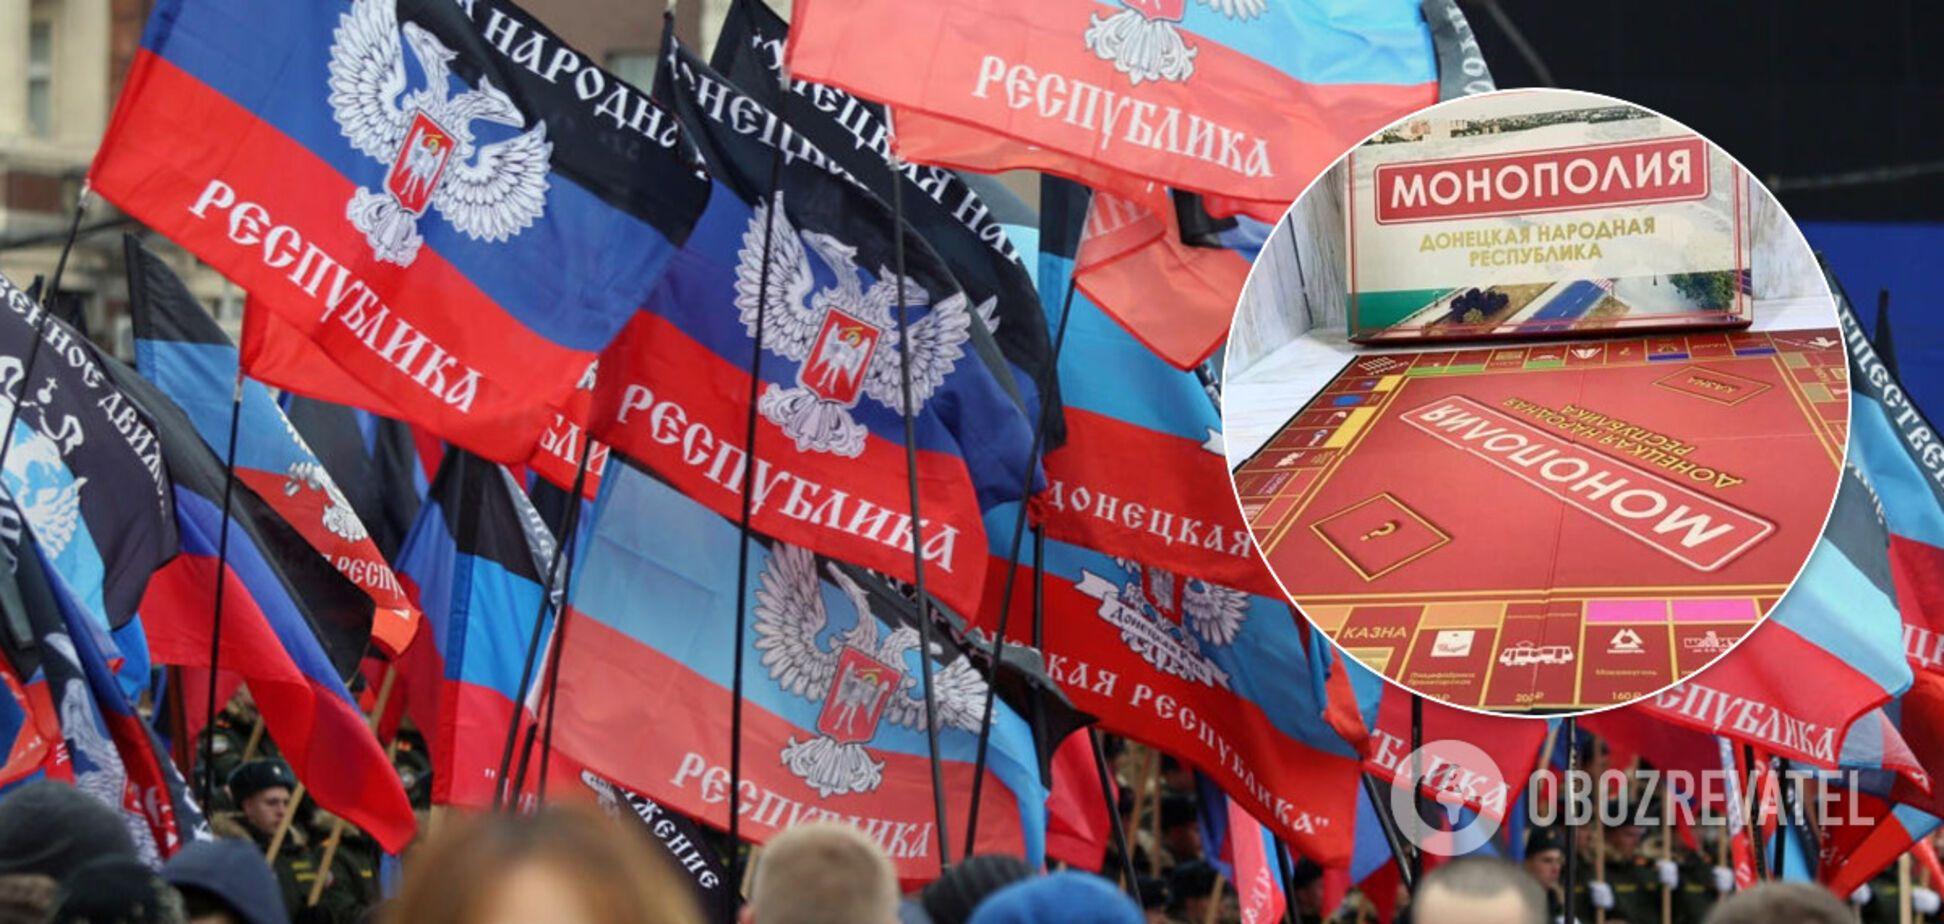 В 'ДНР' выпустили свою 'Монополию'